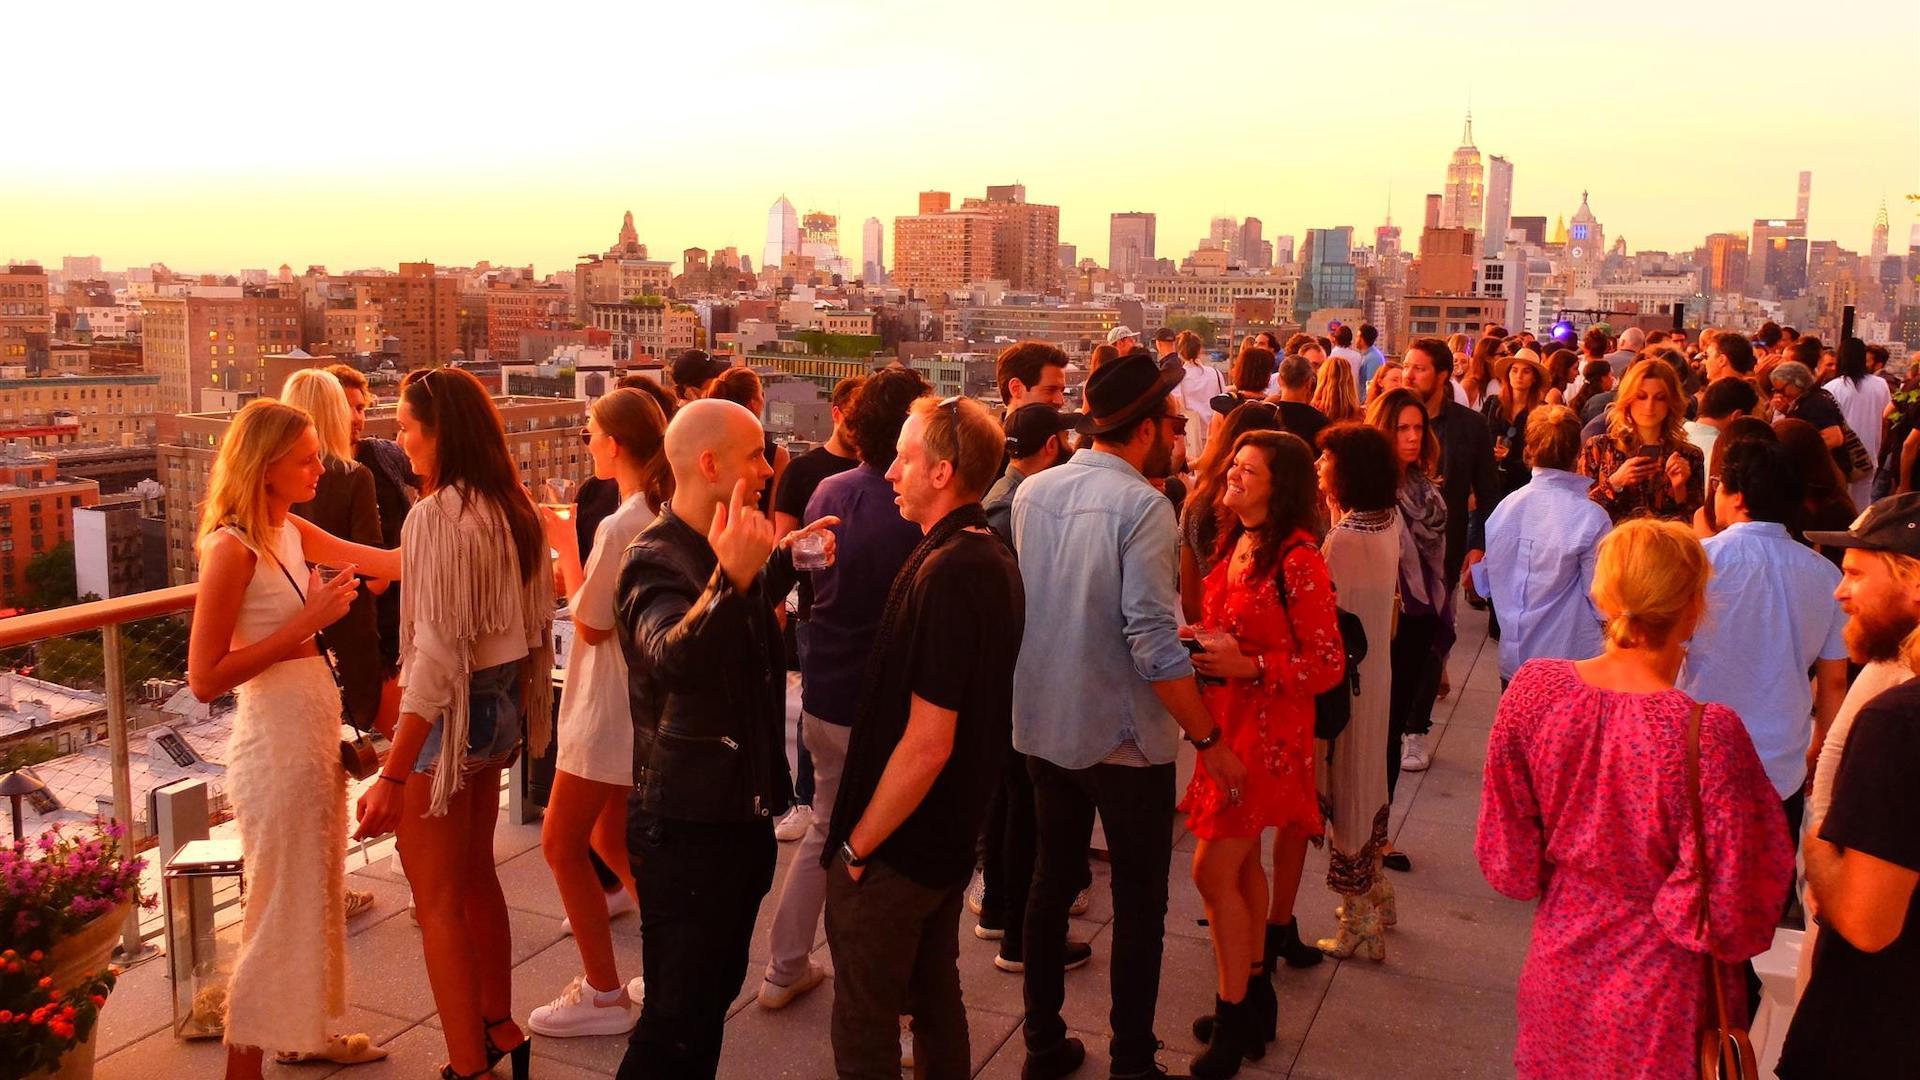 Nueva York desde las alturas: rooftop bars, piscinas y vistas imperdibles